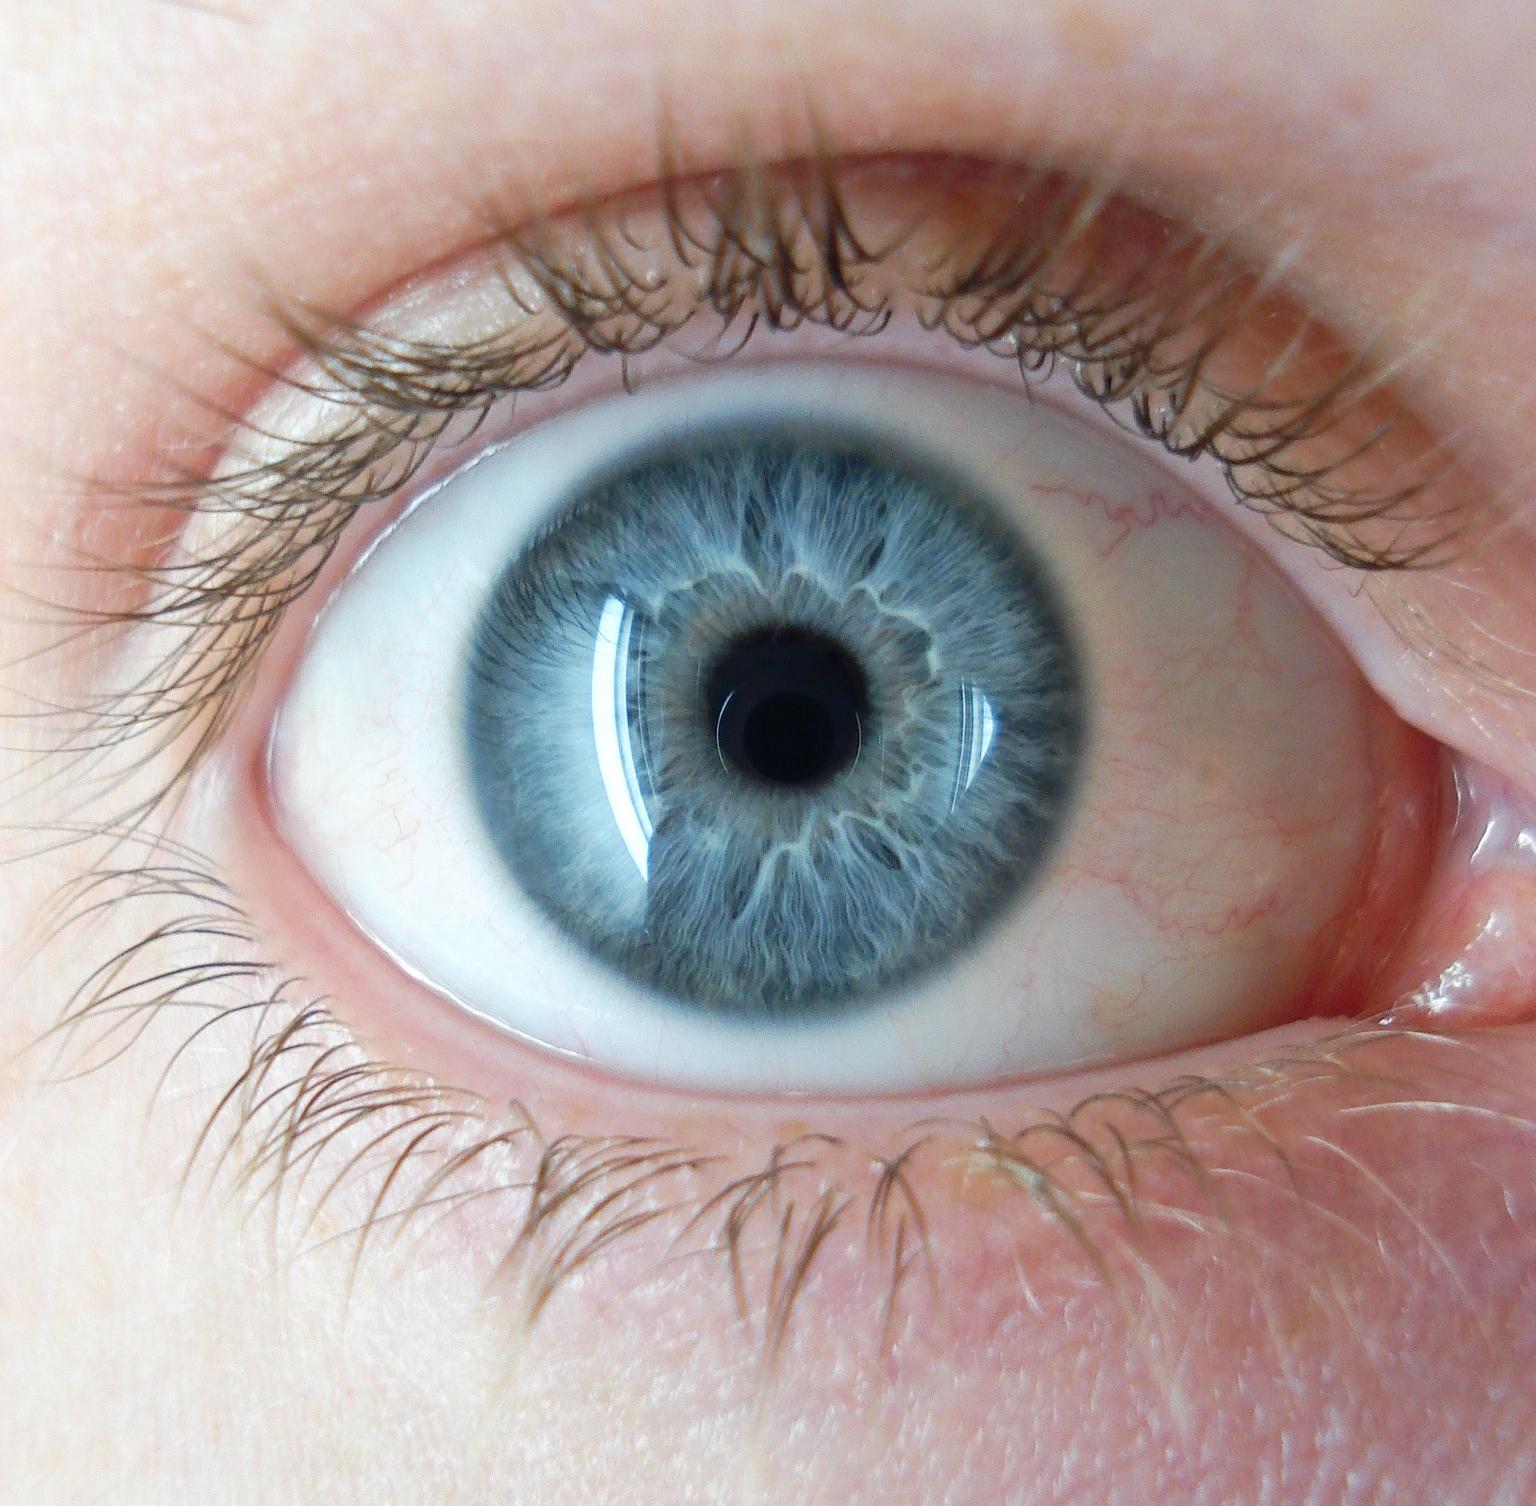 A látás romlott; a pupillák kitágultak